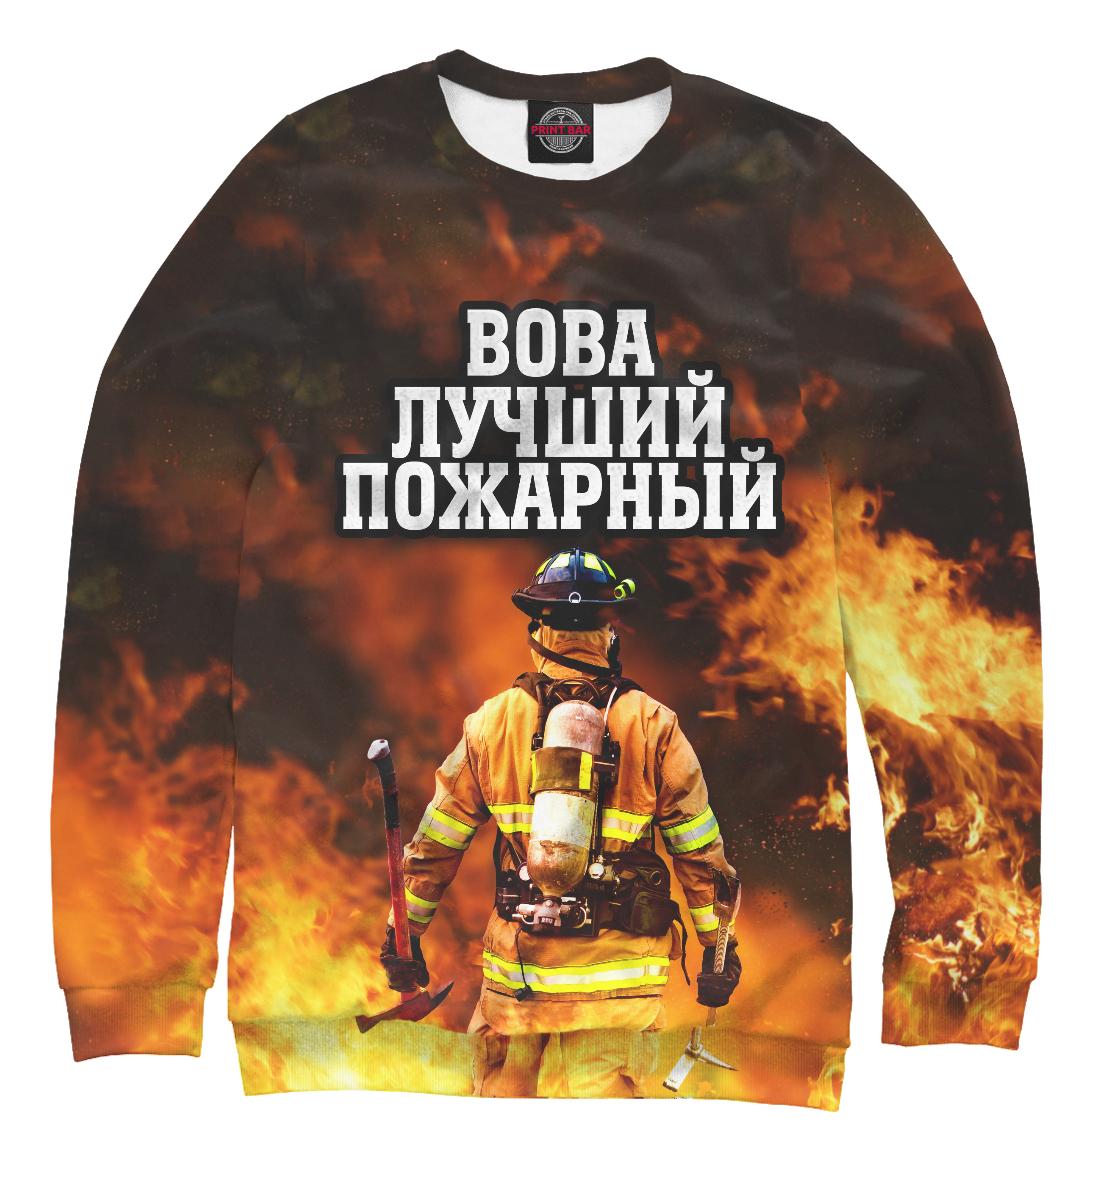 Купить Вова лучший пожарный, Printbar, Свитшоты, IMR-144600-swi-2